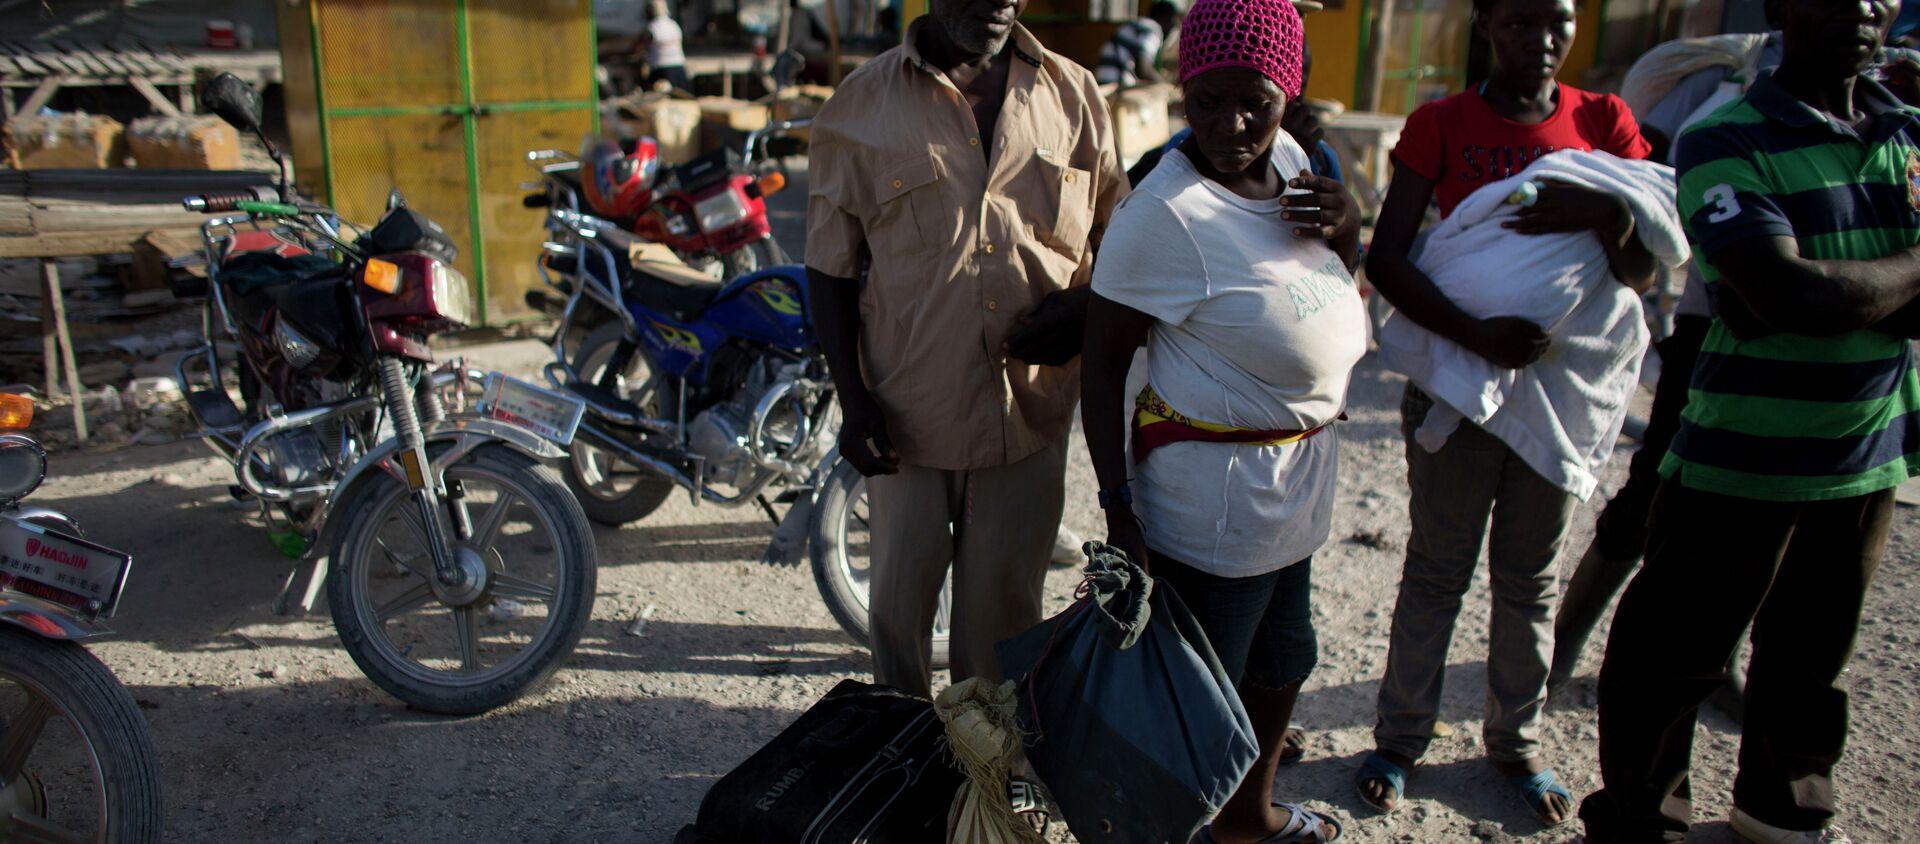 Migrantes haitianos deportados de la República Dominicana - Sputnik Mundo, 1920, 13.10.2020